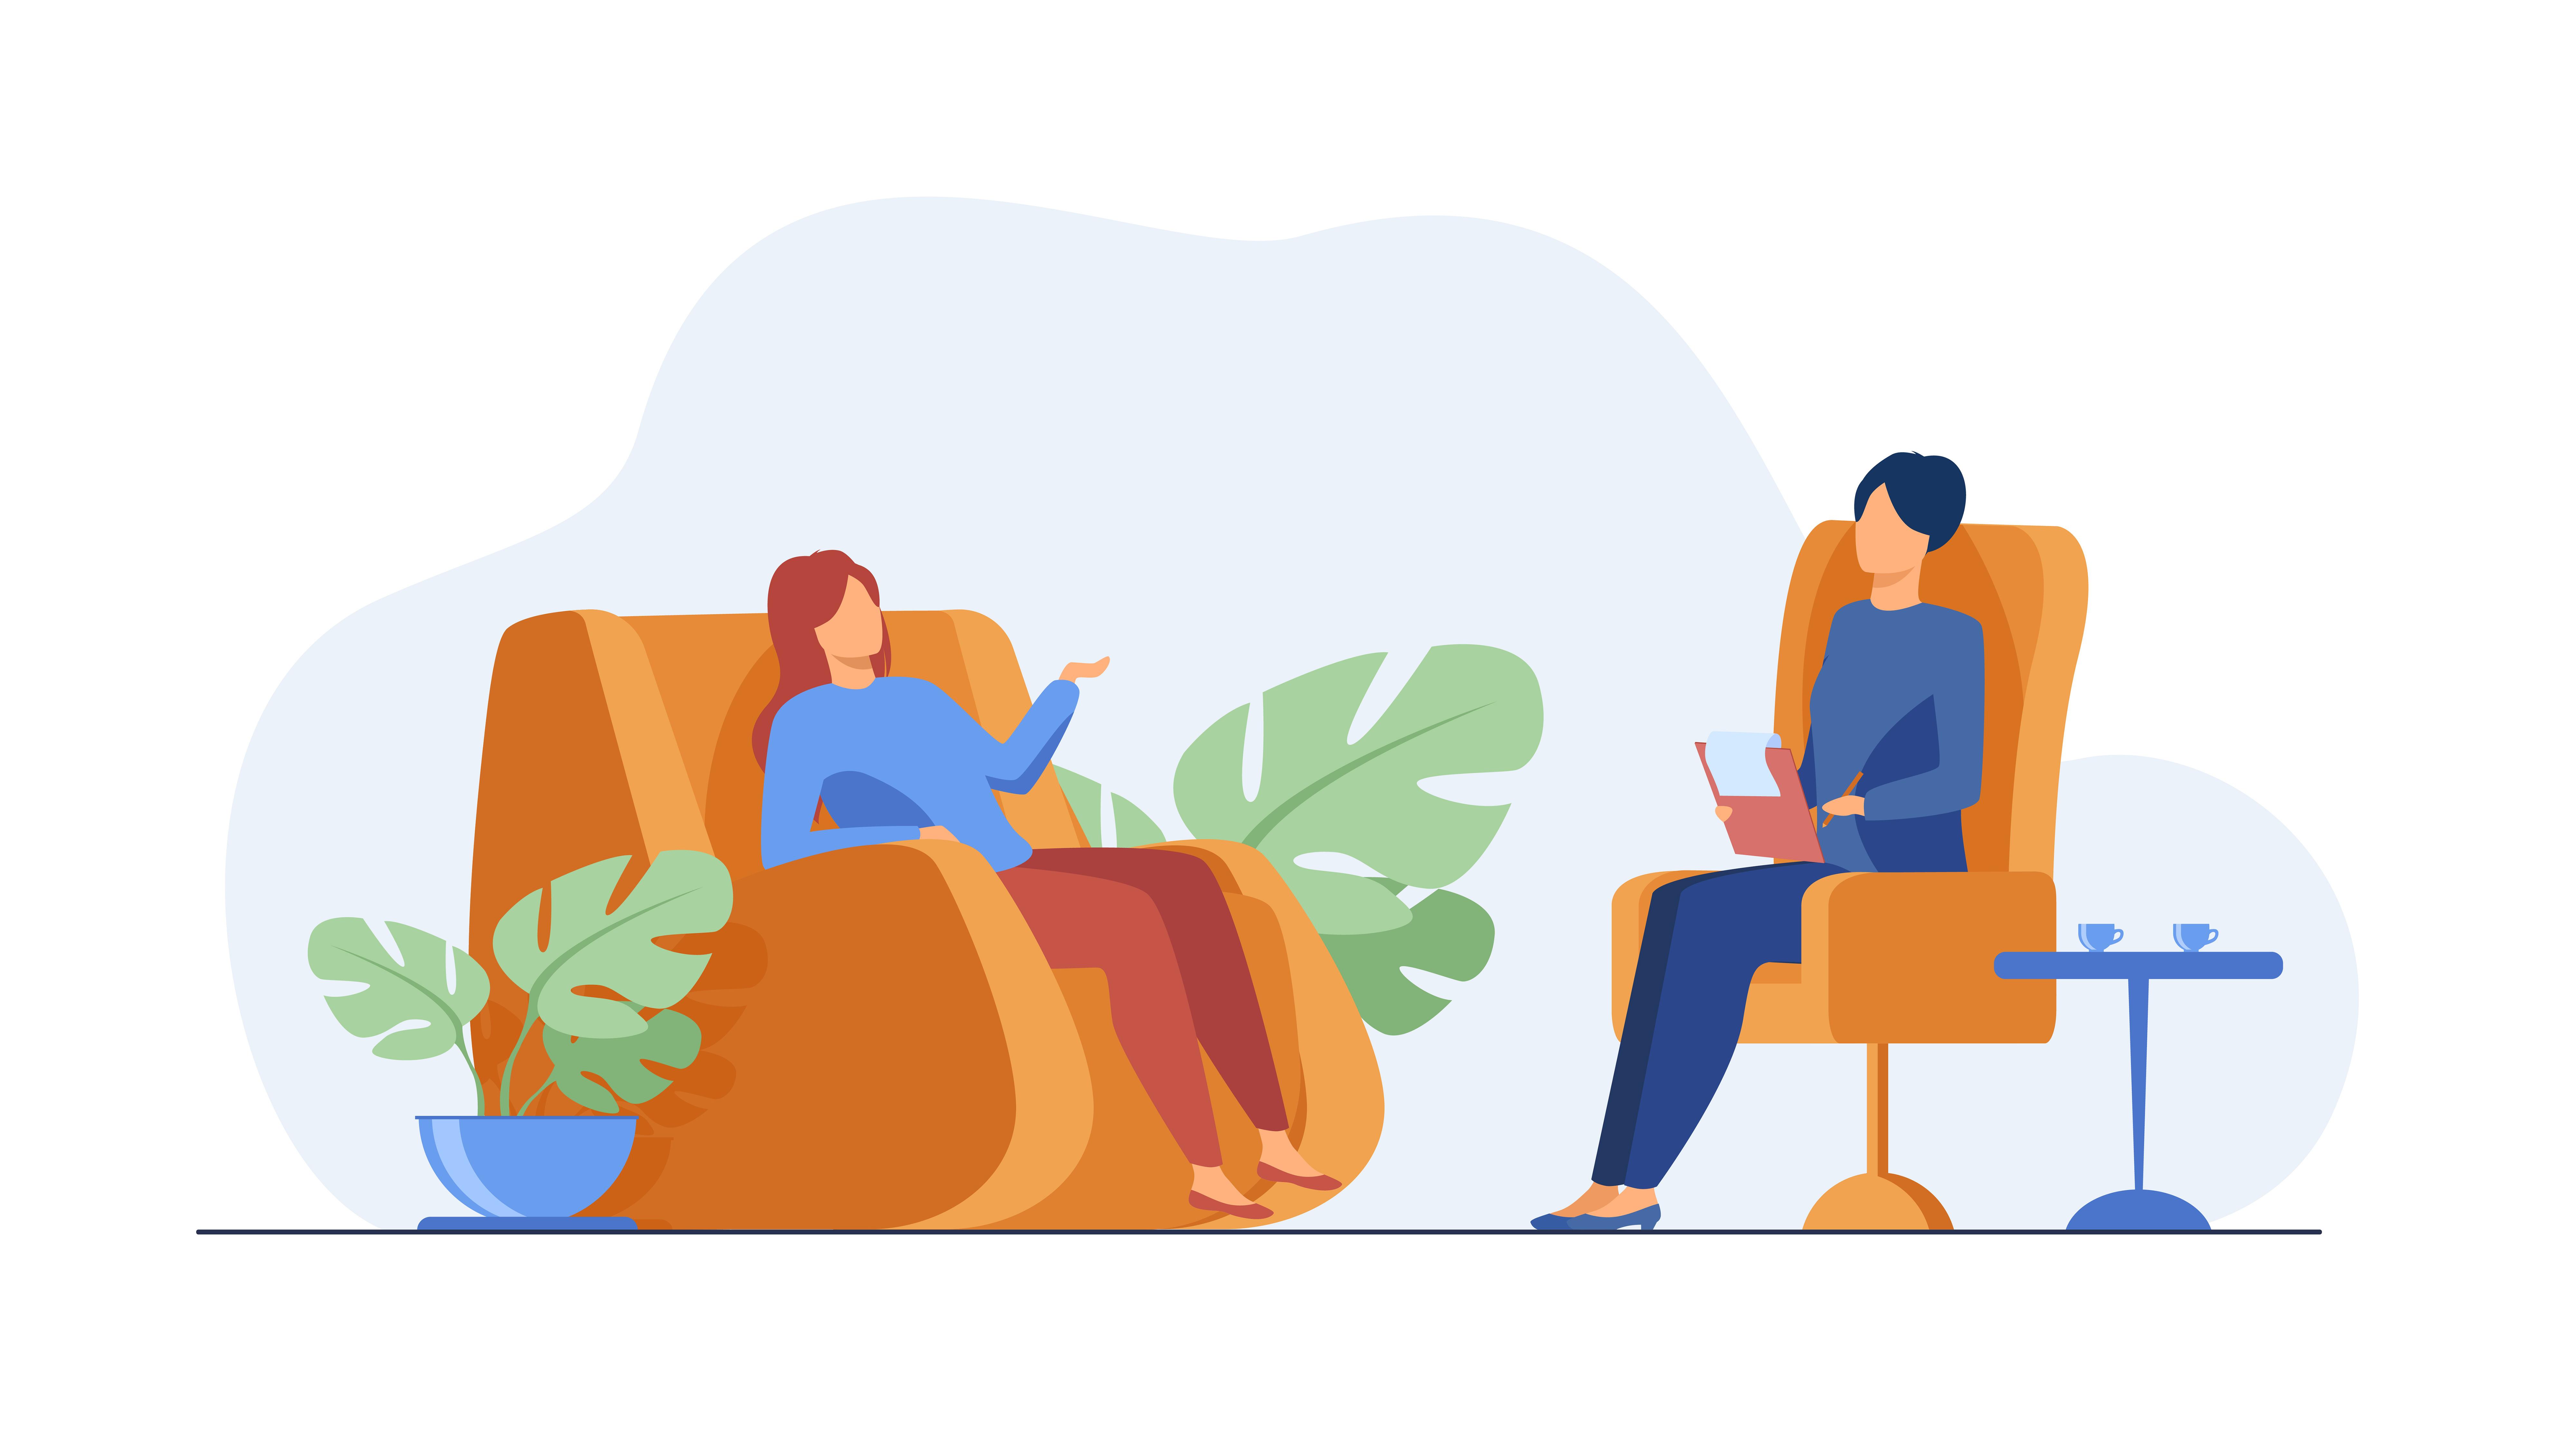 Duas mulheres sentadas uma de frente para a outra. A da esquerda é a paciente e a da direita a psicóloga. No ambiente estão visíveis apenas as poltronas, duas folhagens e uma mesinha com duas xícaras..